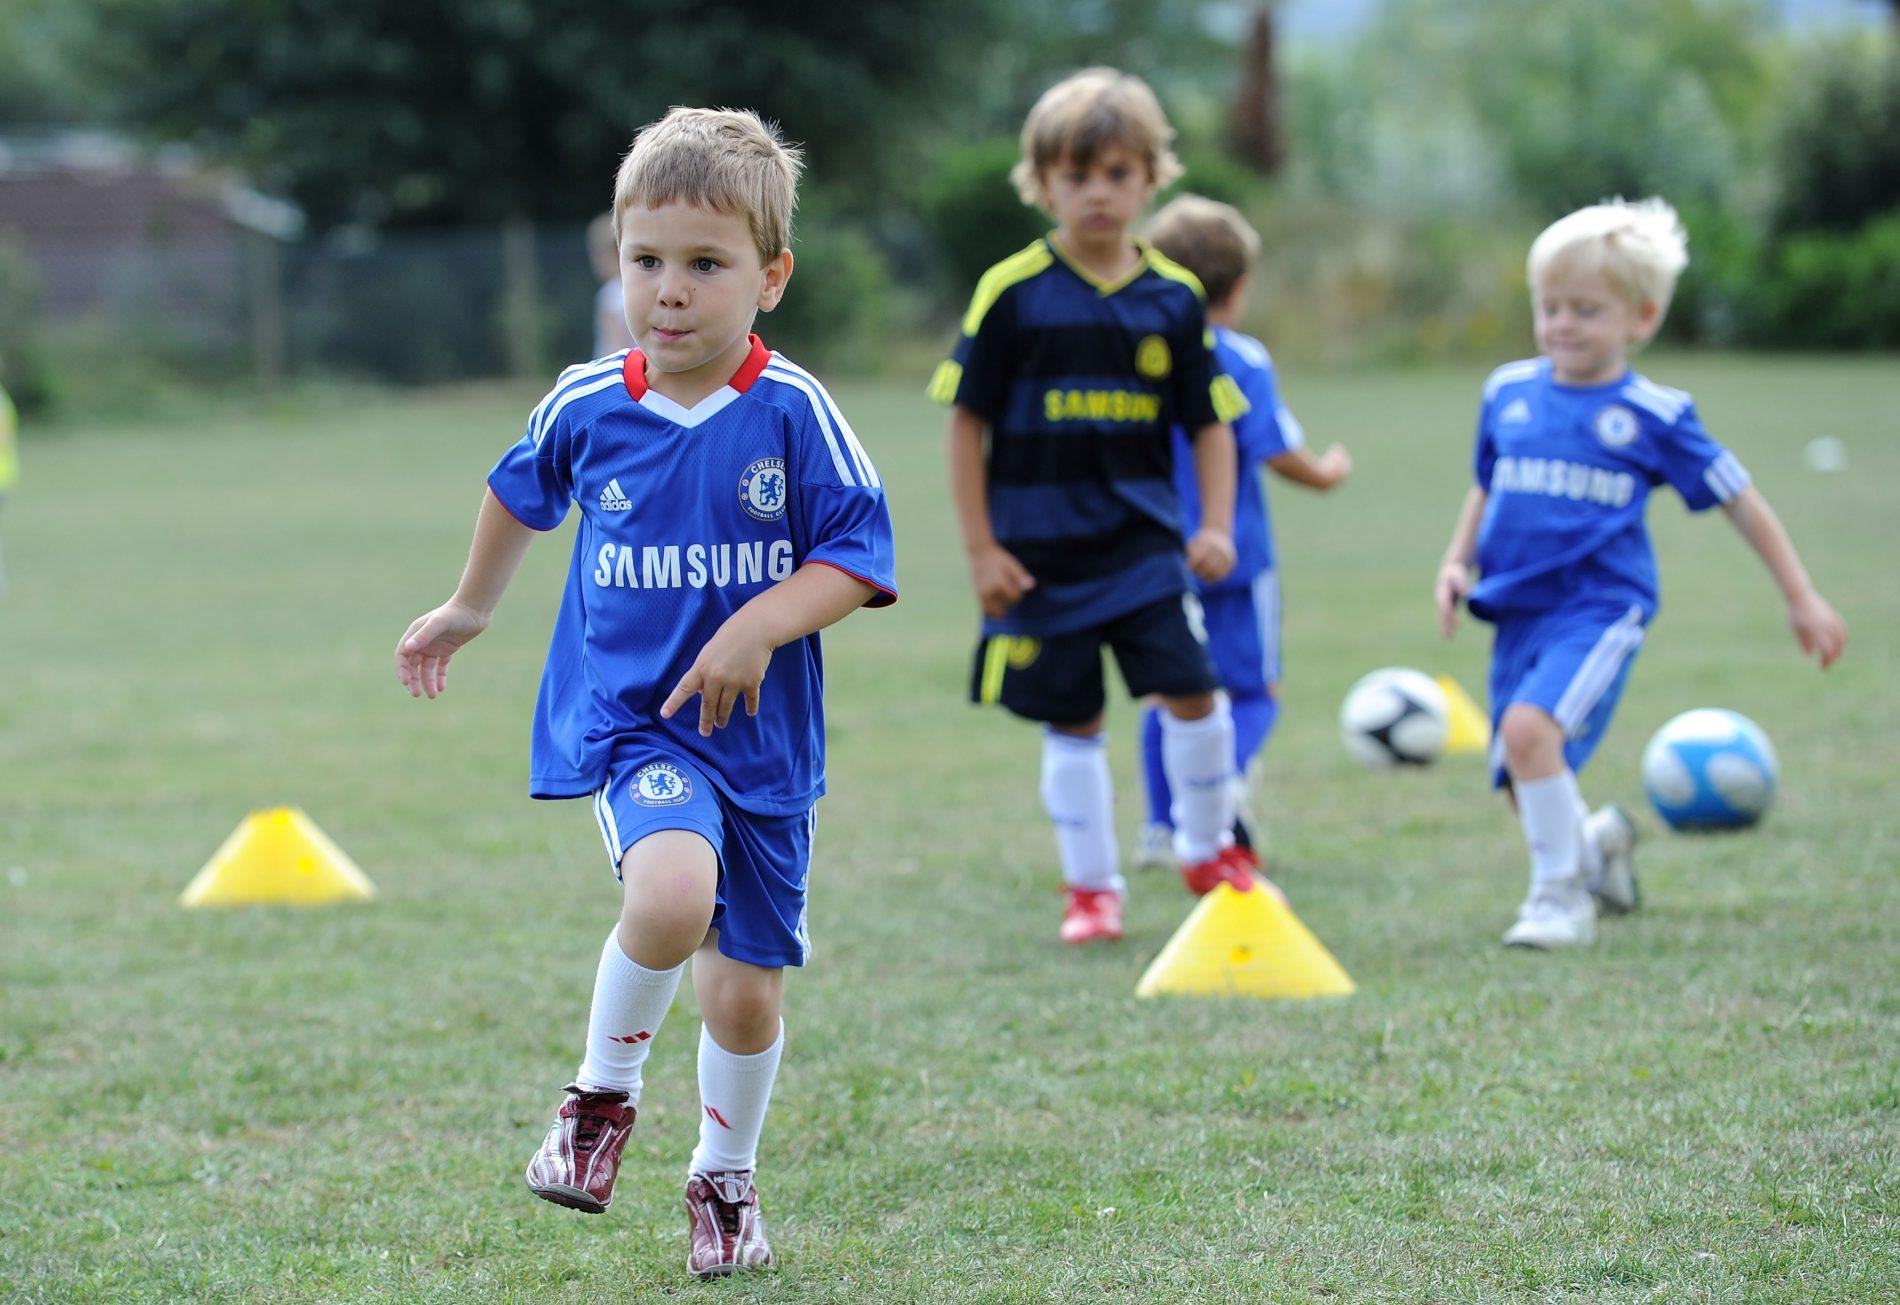 chelsea2_Soccer_School.jpg